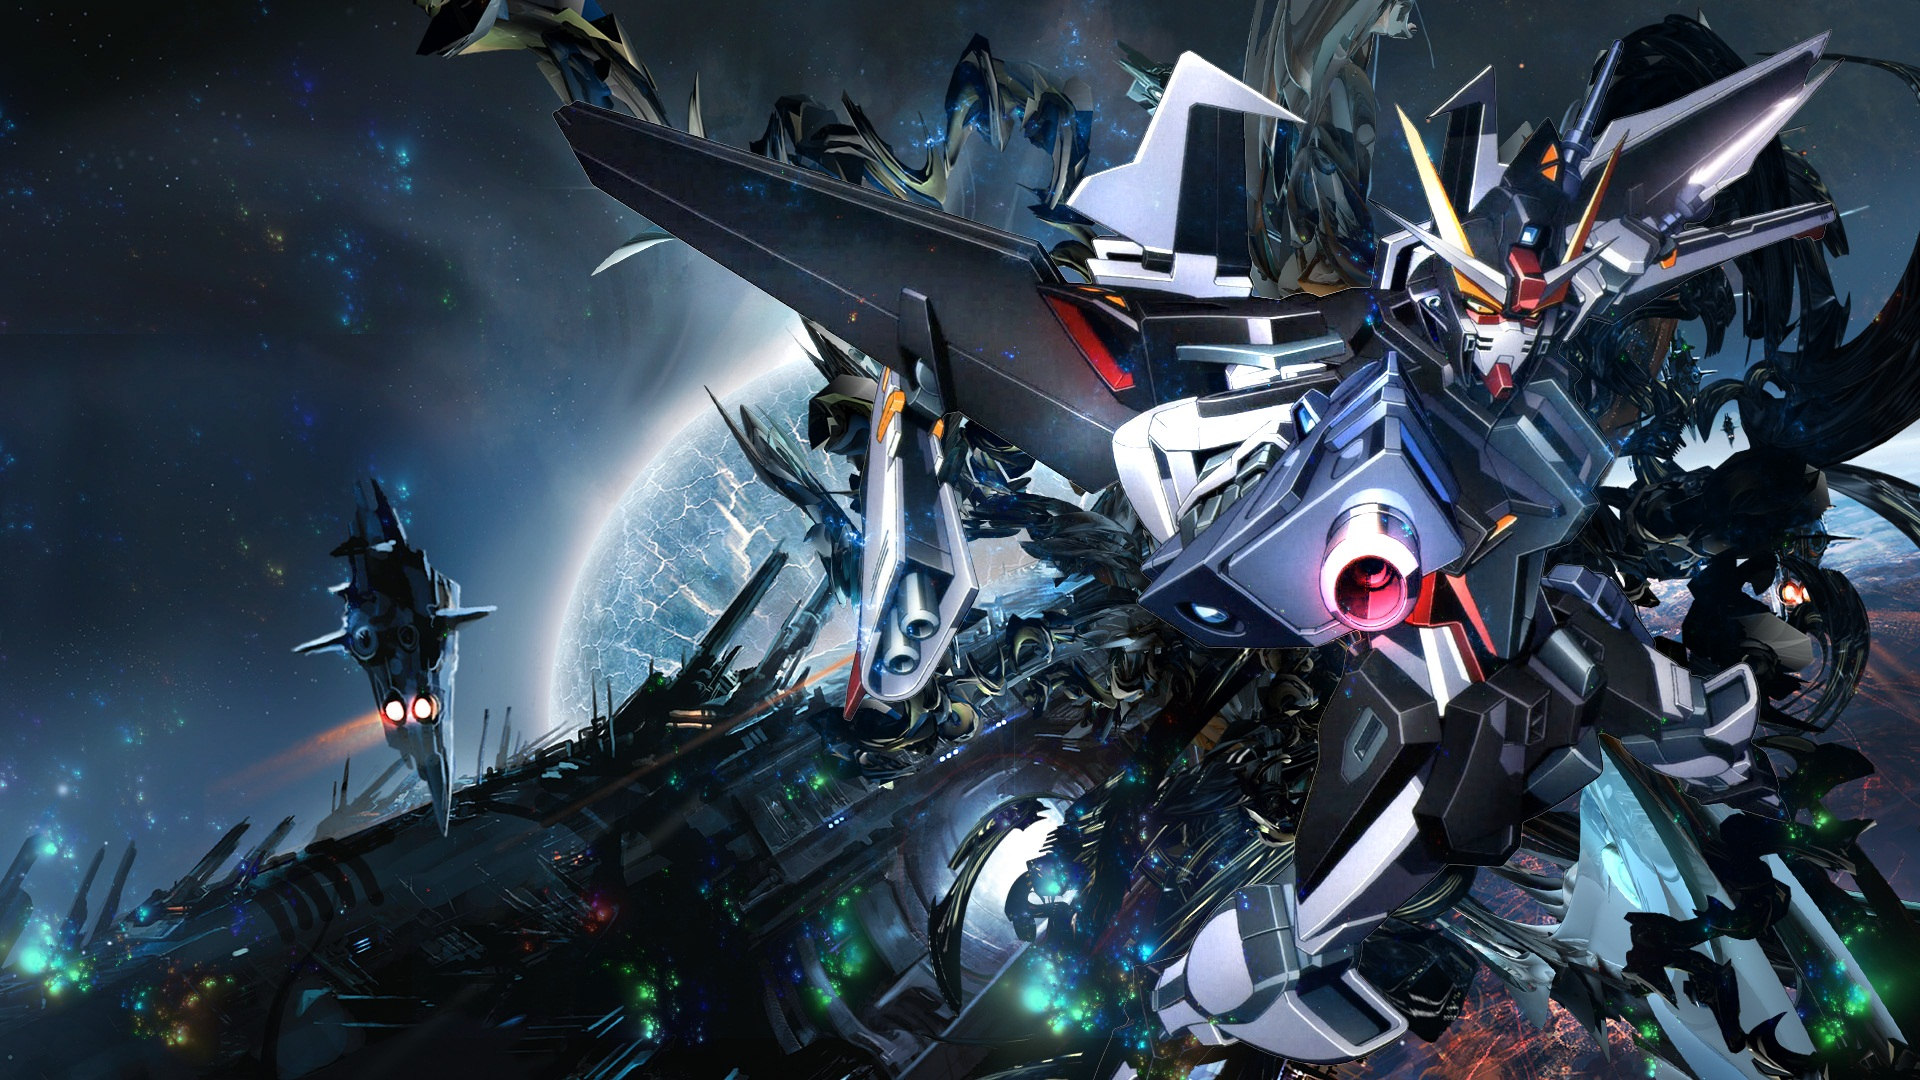 Mobile Suit Gundam THE ORIGIN Volume 7 Battle of Loum